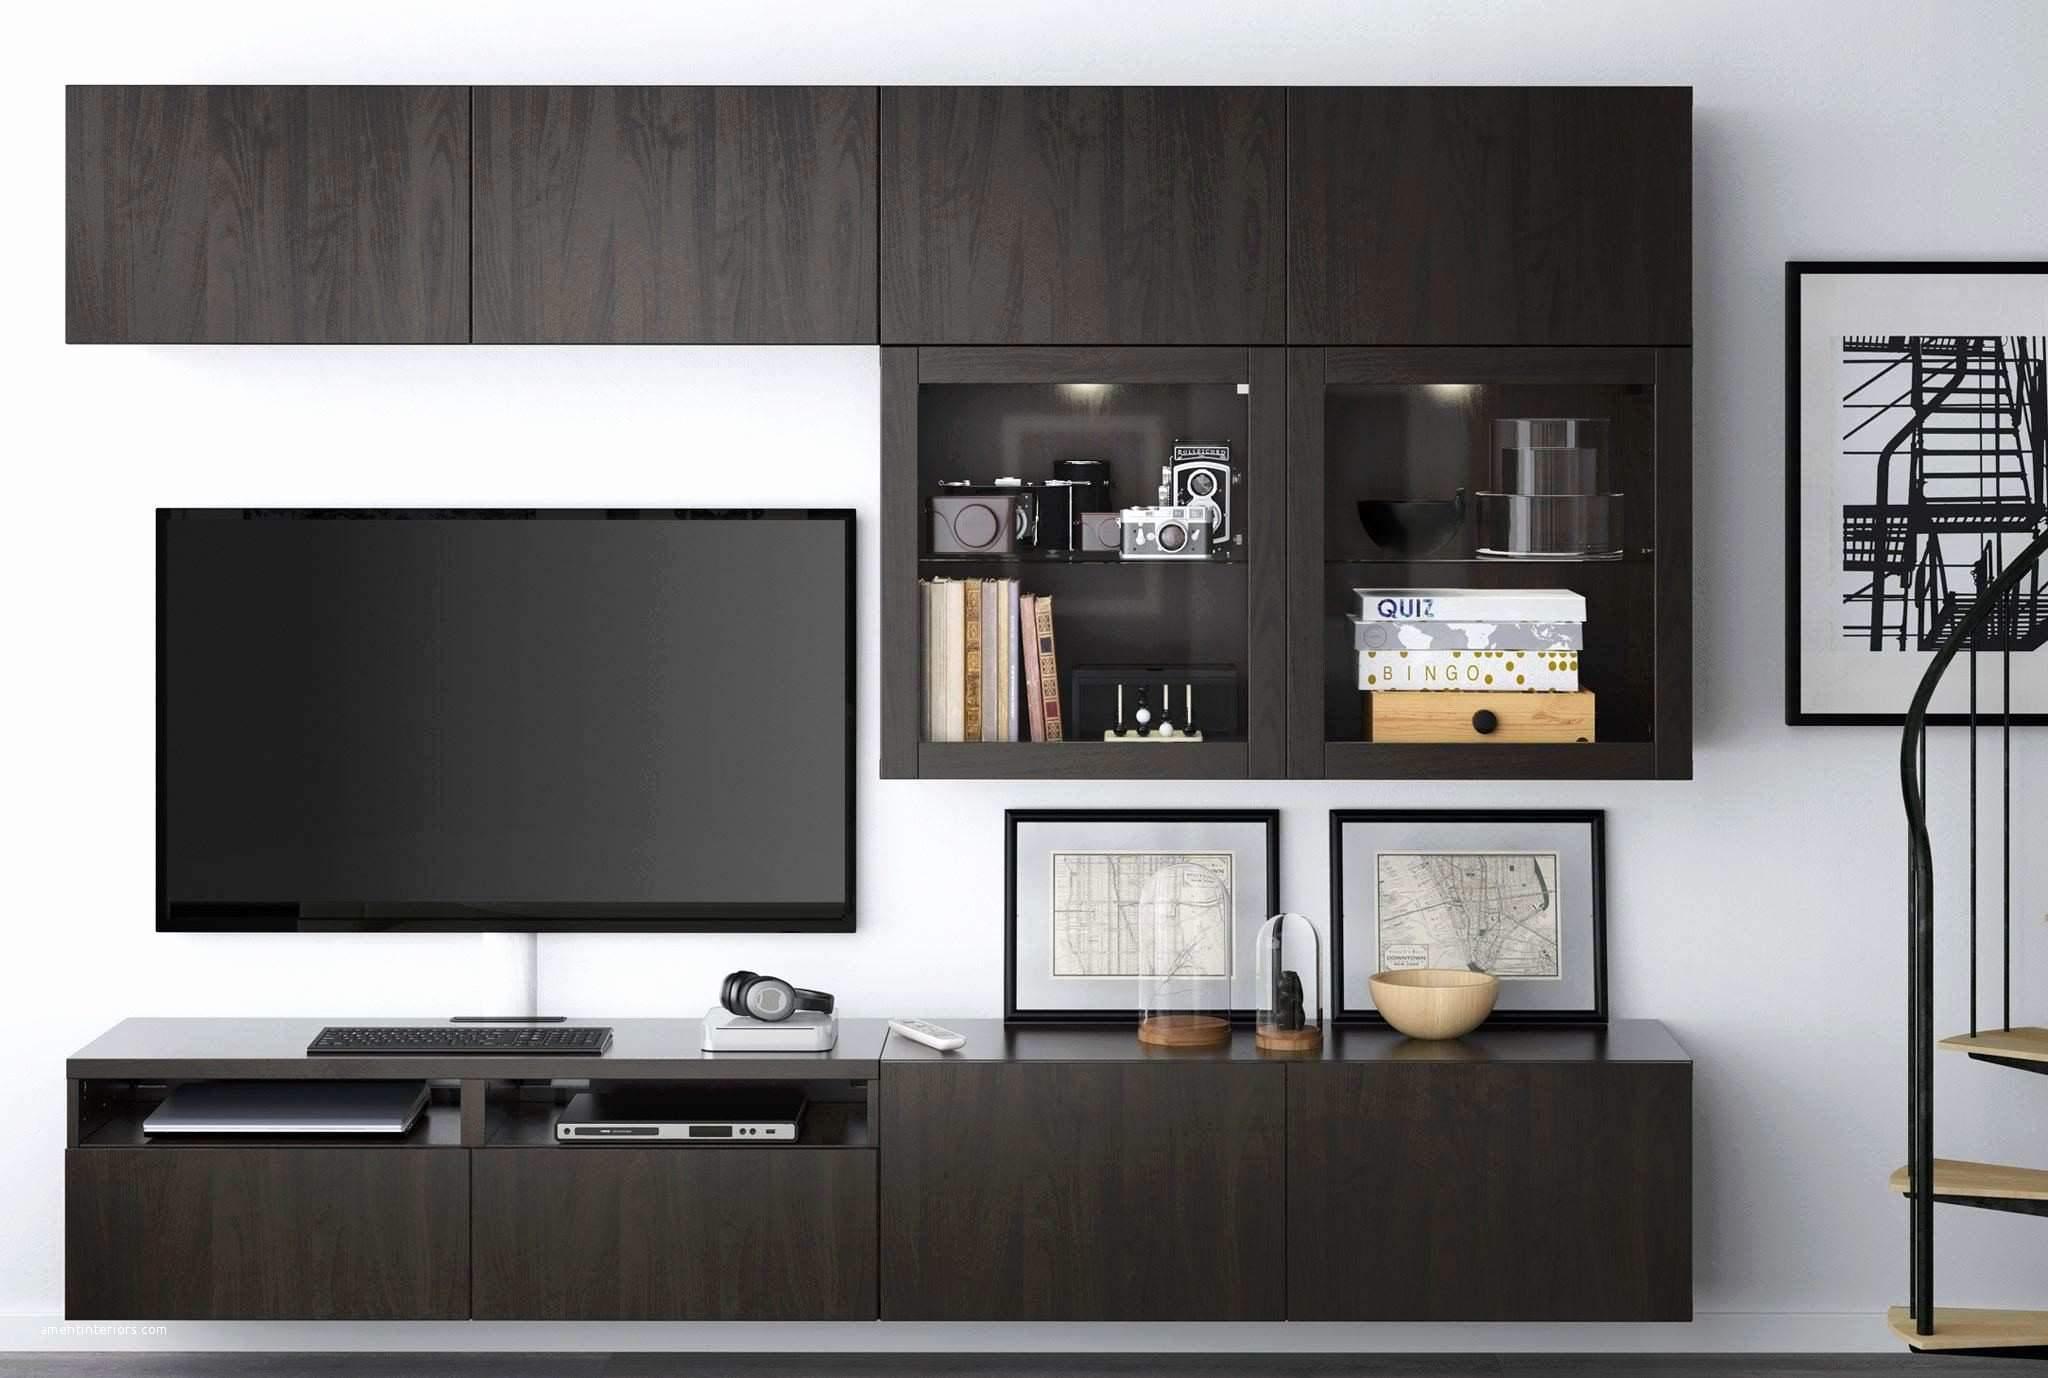 Full Size of Ikea Besta Wohnzimmer Reizend Wohnwand Ideen Air Media Sofa Mit Schlaffunktion Betten 160x200 Küche Kaufen Bei Miniküche Modulküche Kosten Wohnzimmer Wohnwand Ikea